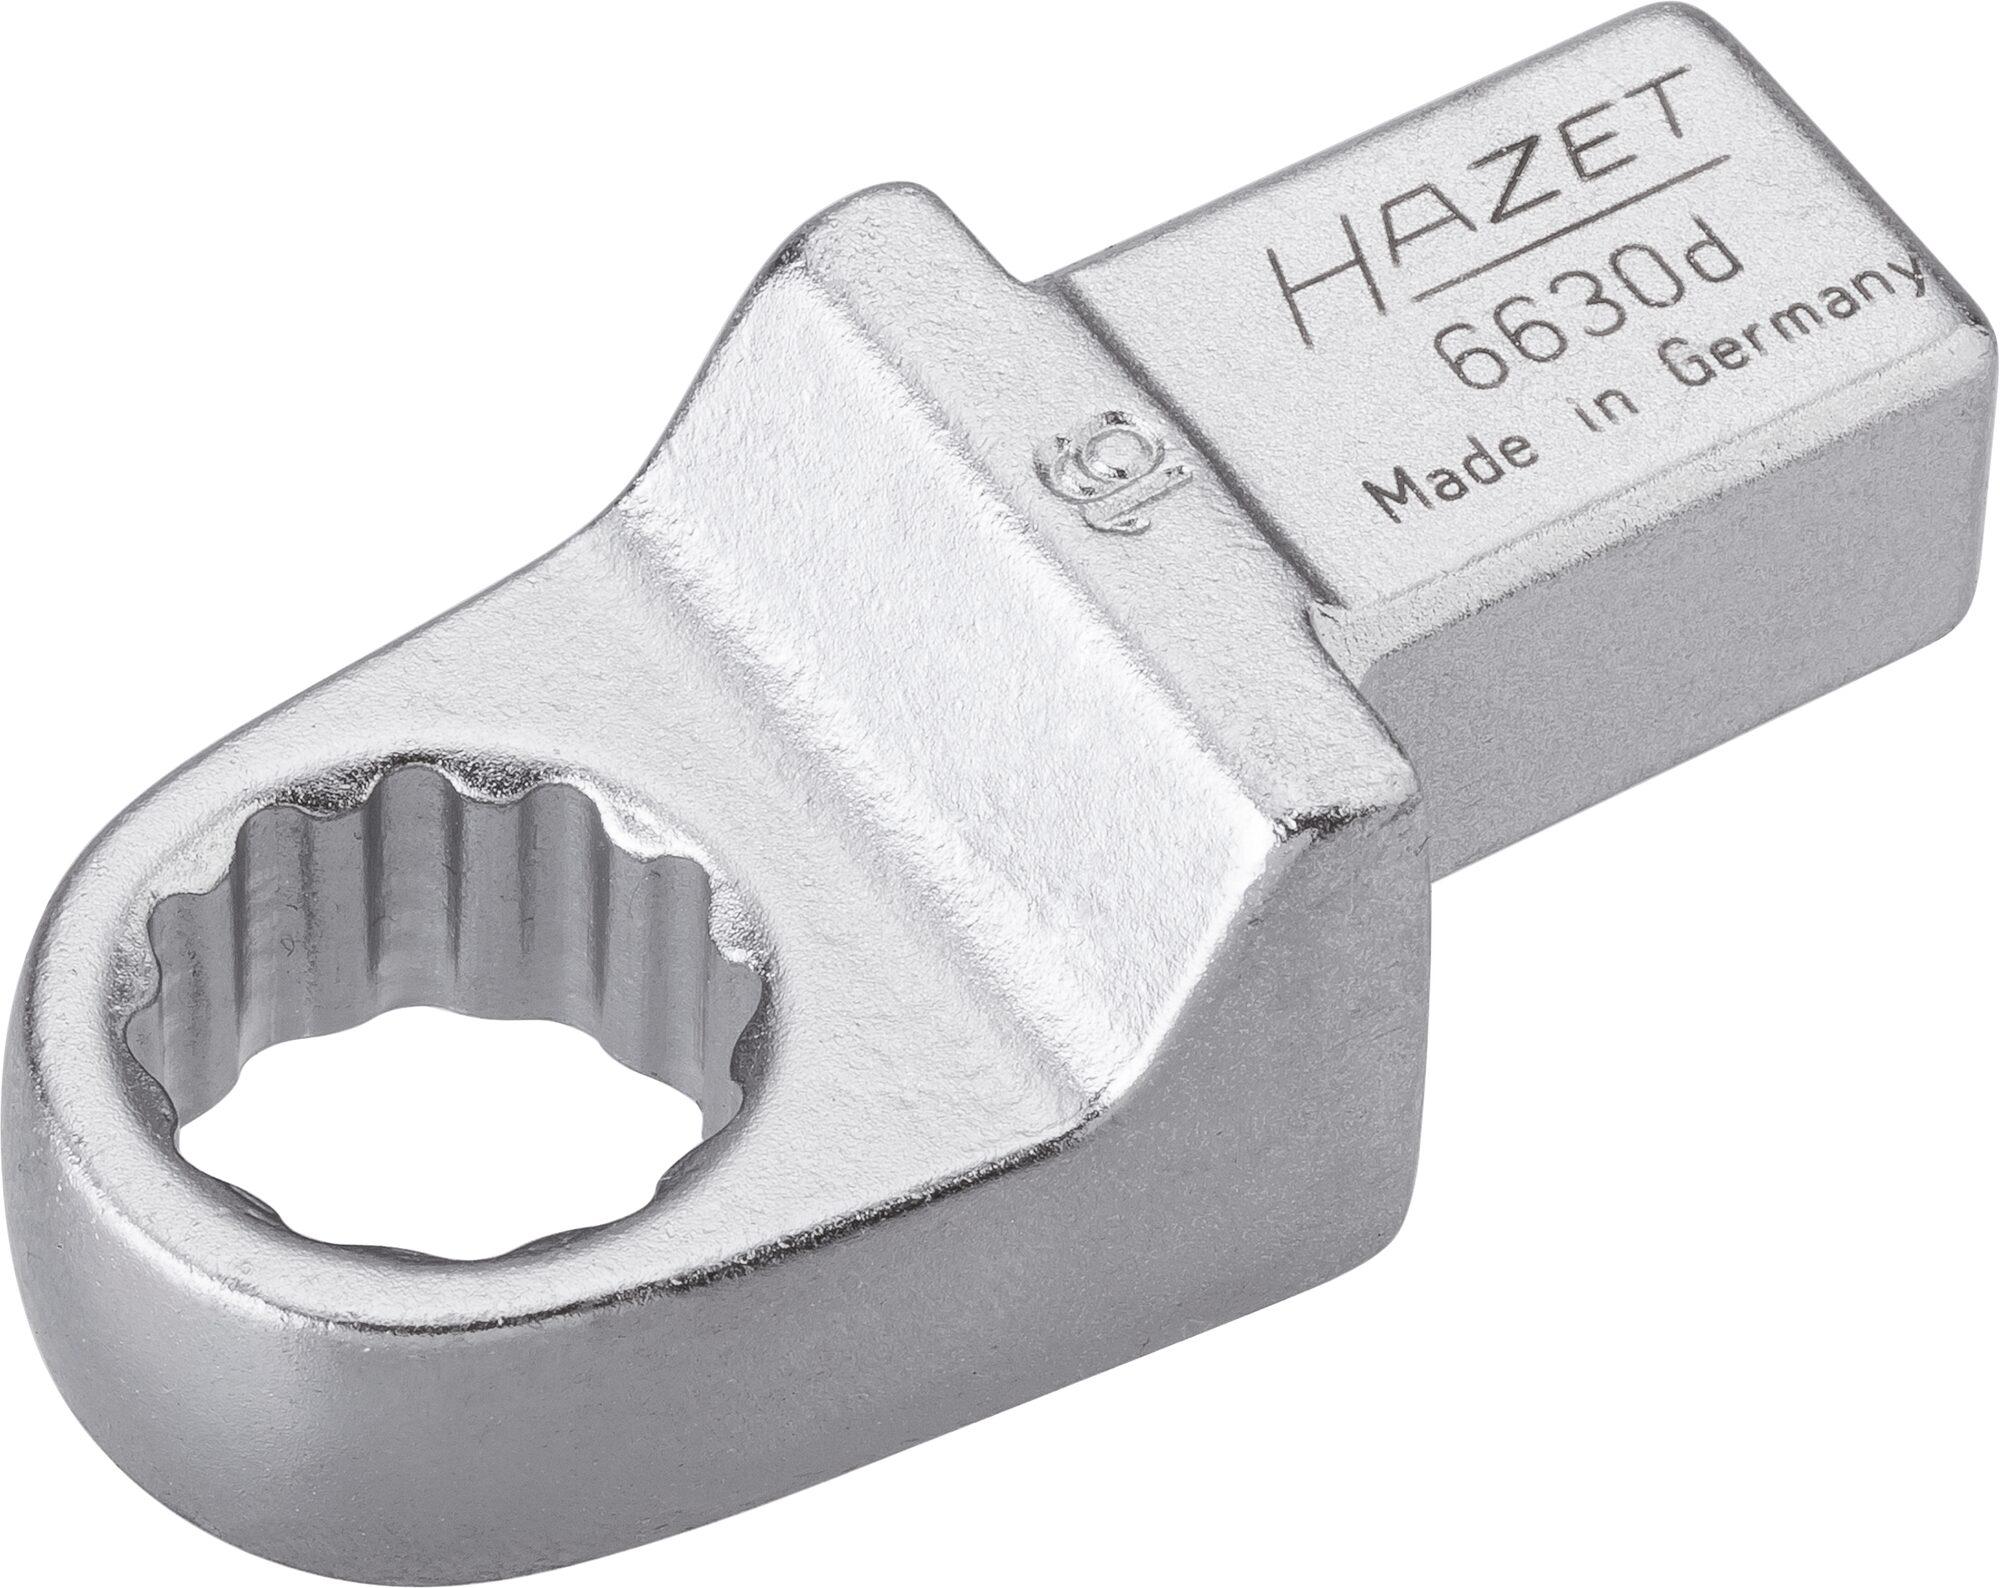 HAZET Einsteck-Ringschlüssel 6630D-16 ∙ Einsteck-Vierkant 14 x 18 mm ∙ Außen-Doppel-Sechskant-Tractionsprofil ∙ 16 mm